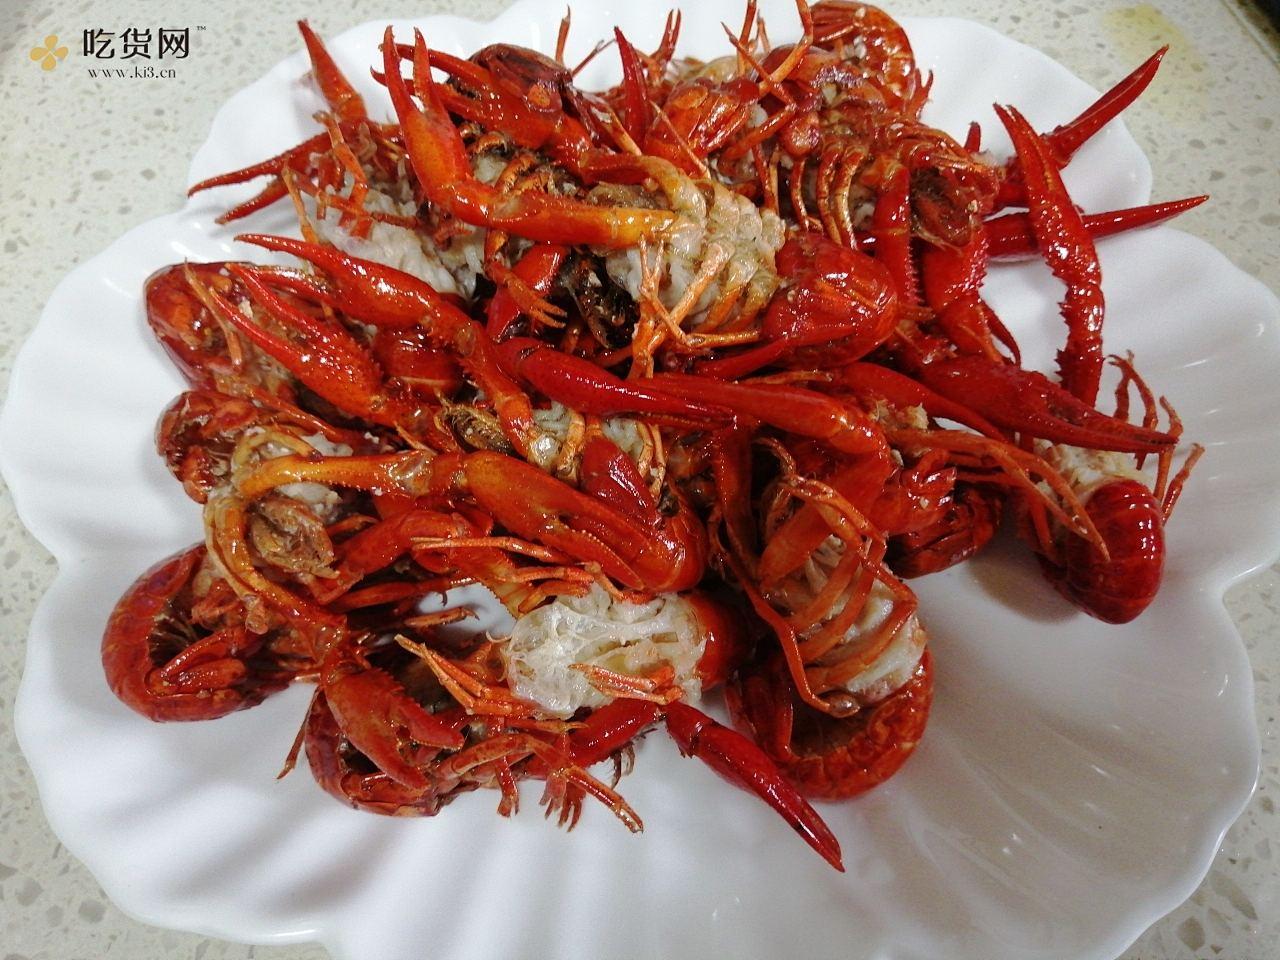 好吃到爆的蒜香小龙虾的做法 步骤6